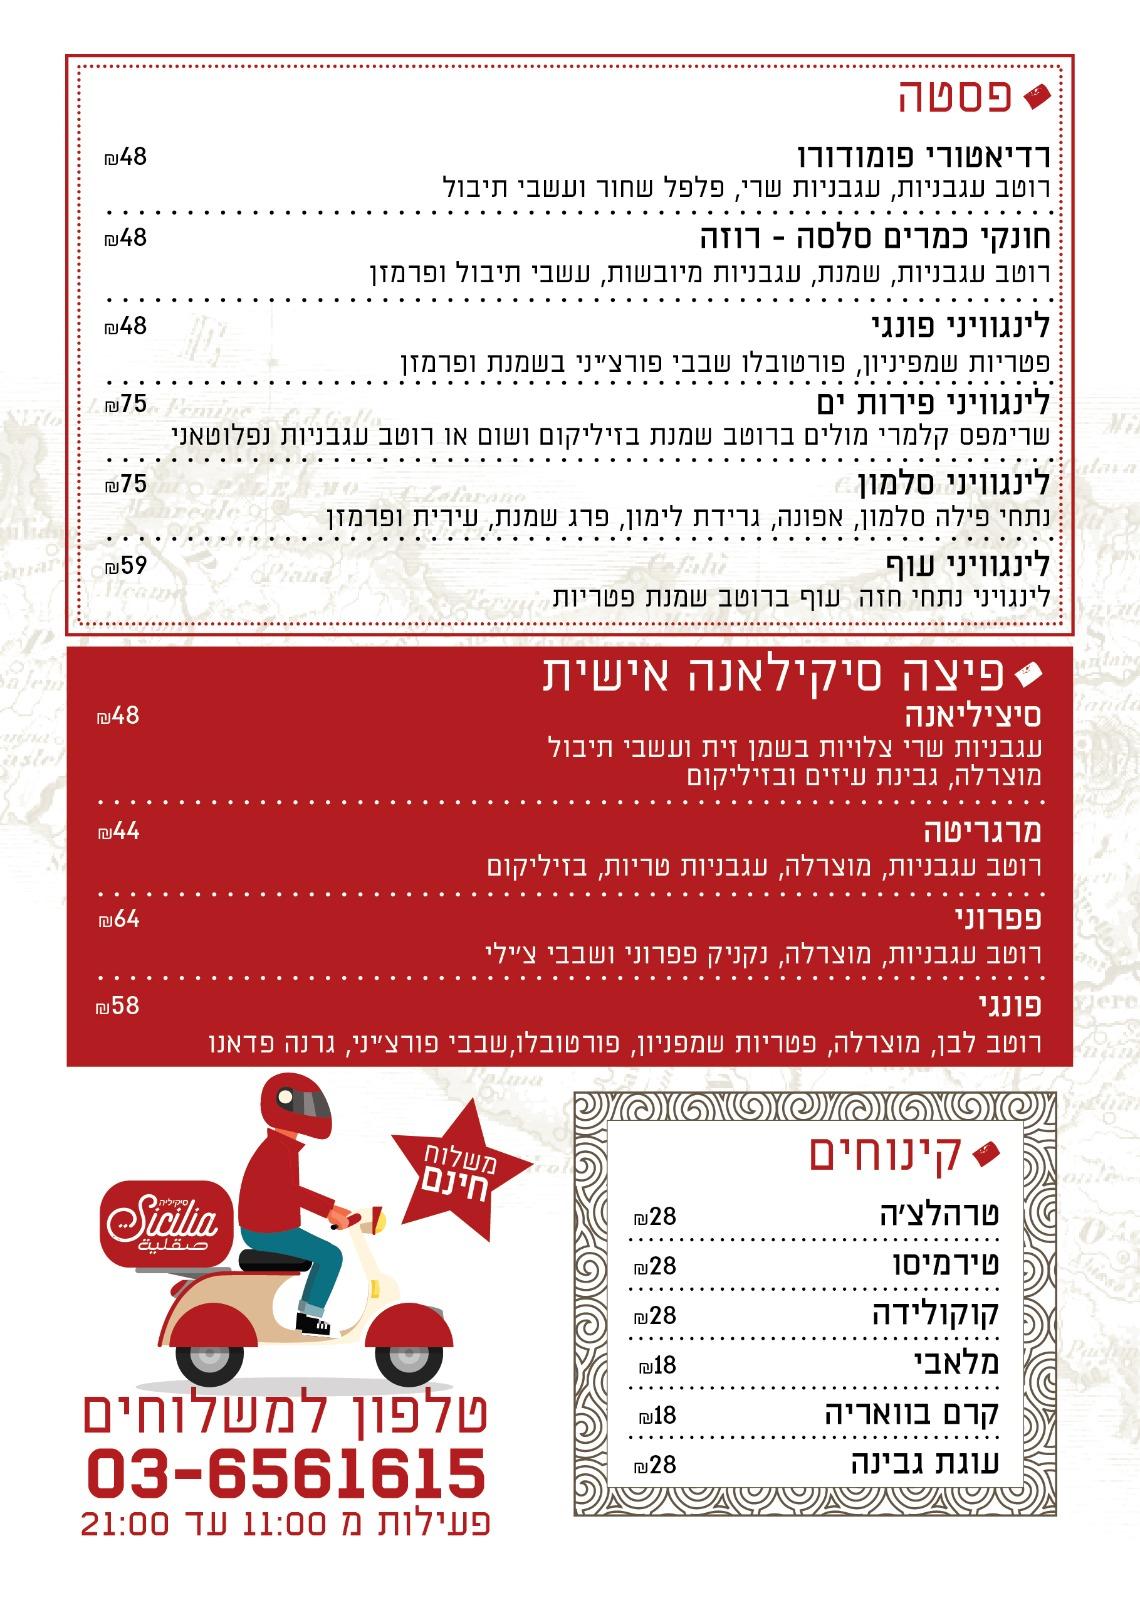 ابتداءً من اليوم - خدمة التوصيل الى البيوت ستتوفر في مطعم صقلية بميناء يافا